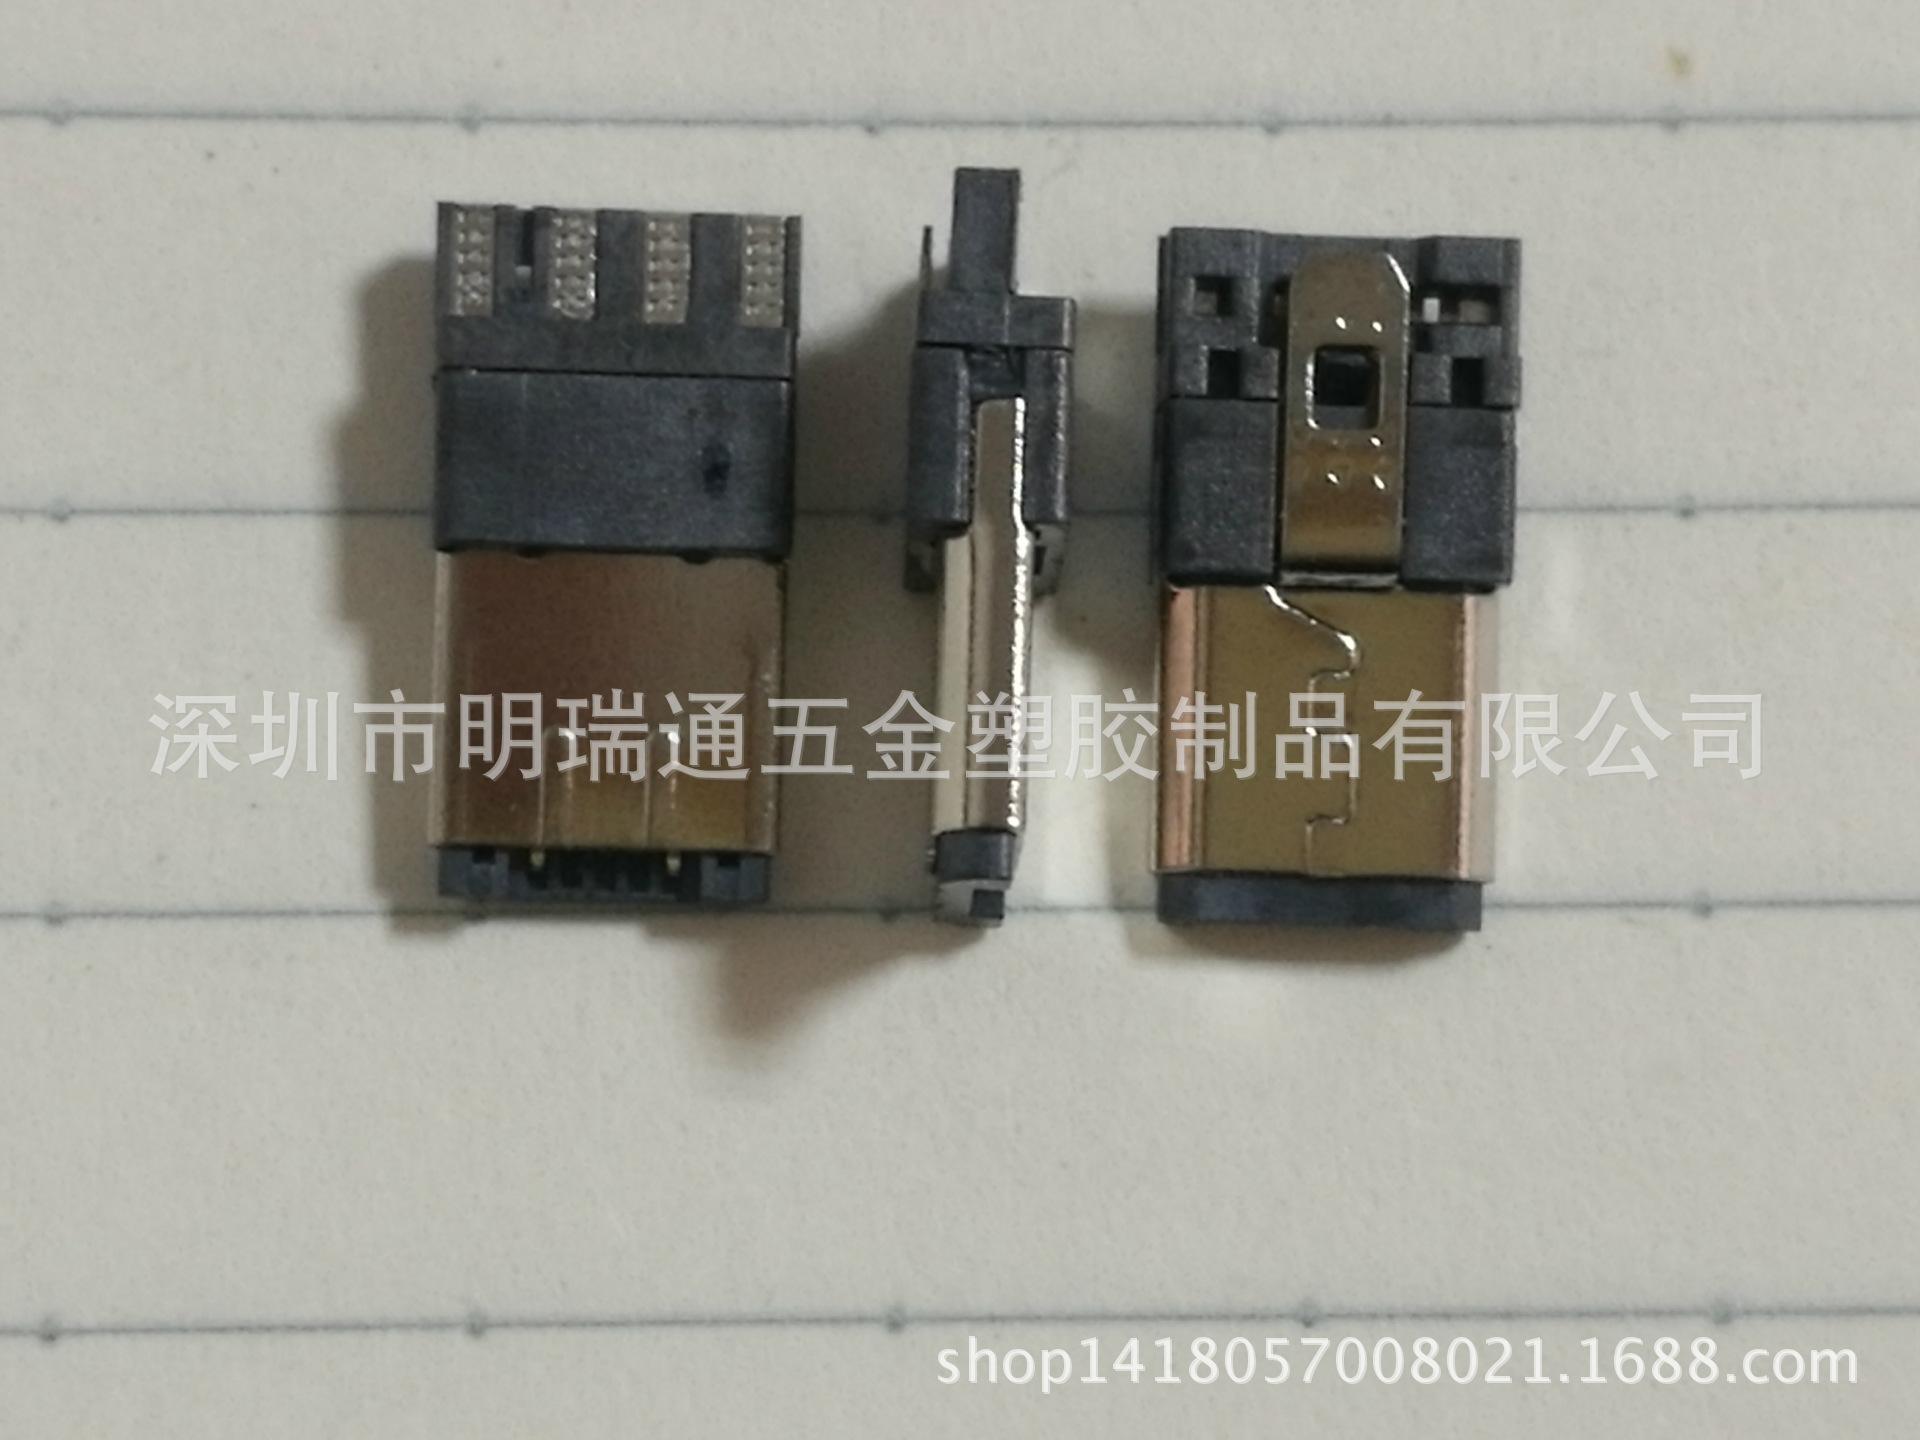 迈克无卡钩连接器    MICRO  13.5长塑胶外露特殊公头 连接器